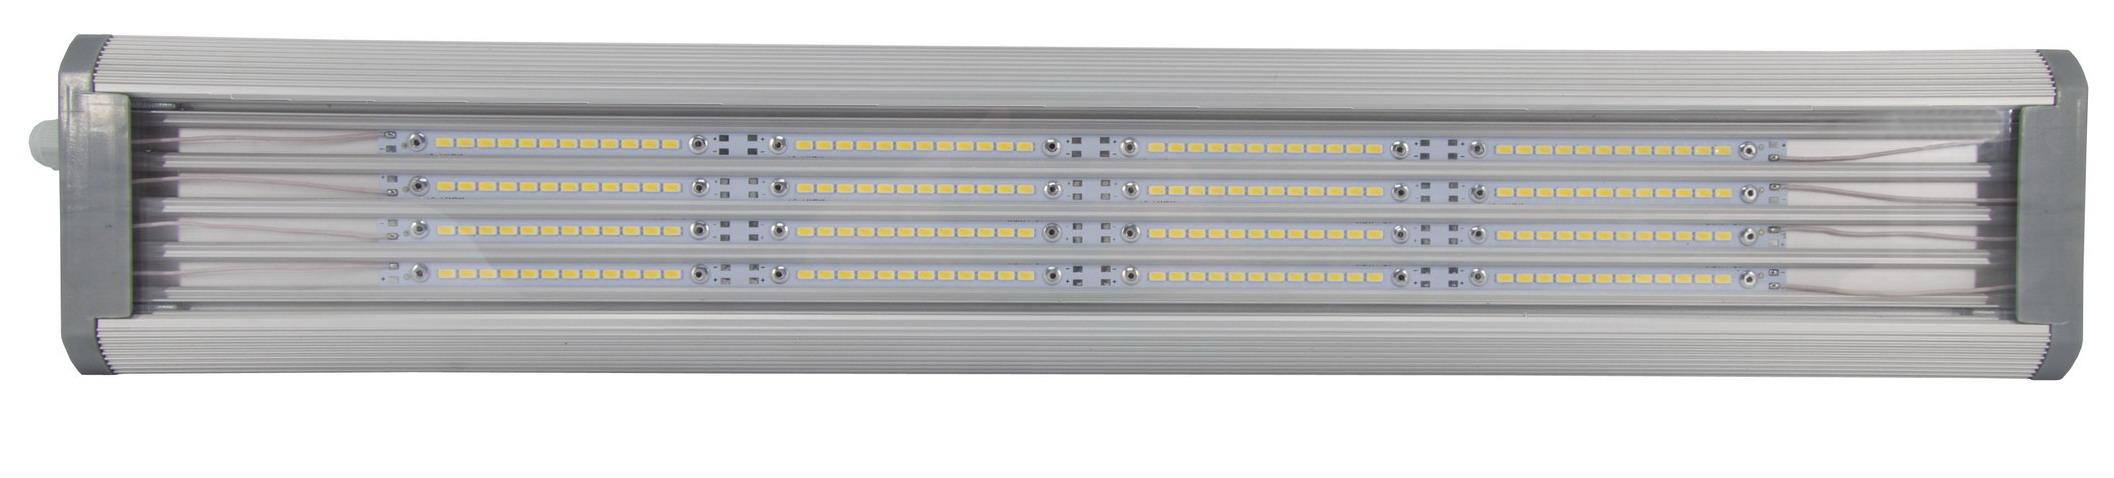 Светильник уличный Arte lamp A3710pf-1si светильник уличный arte lamp a3610pf 1si